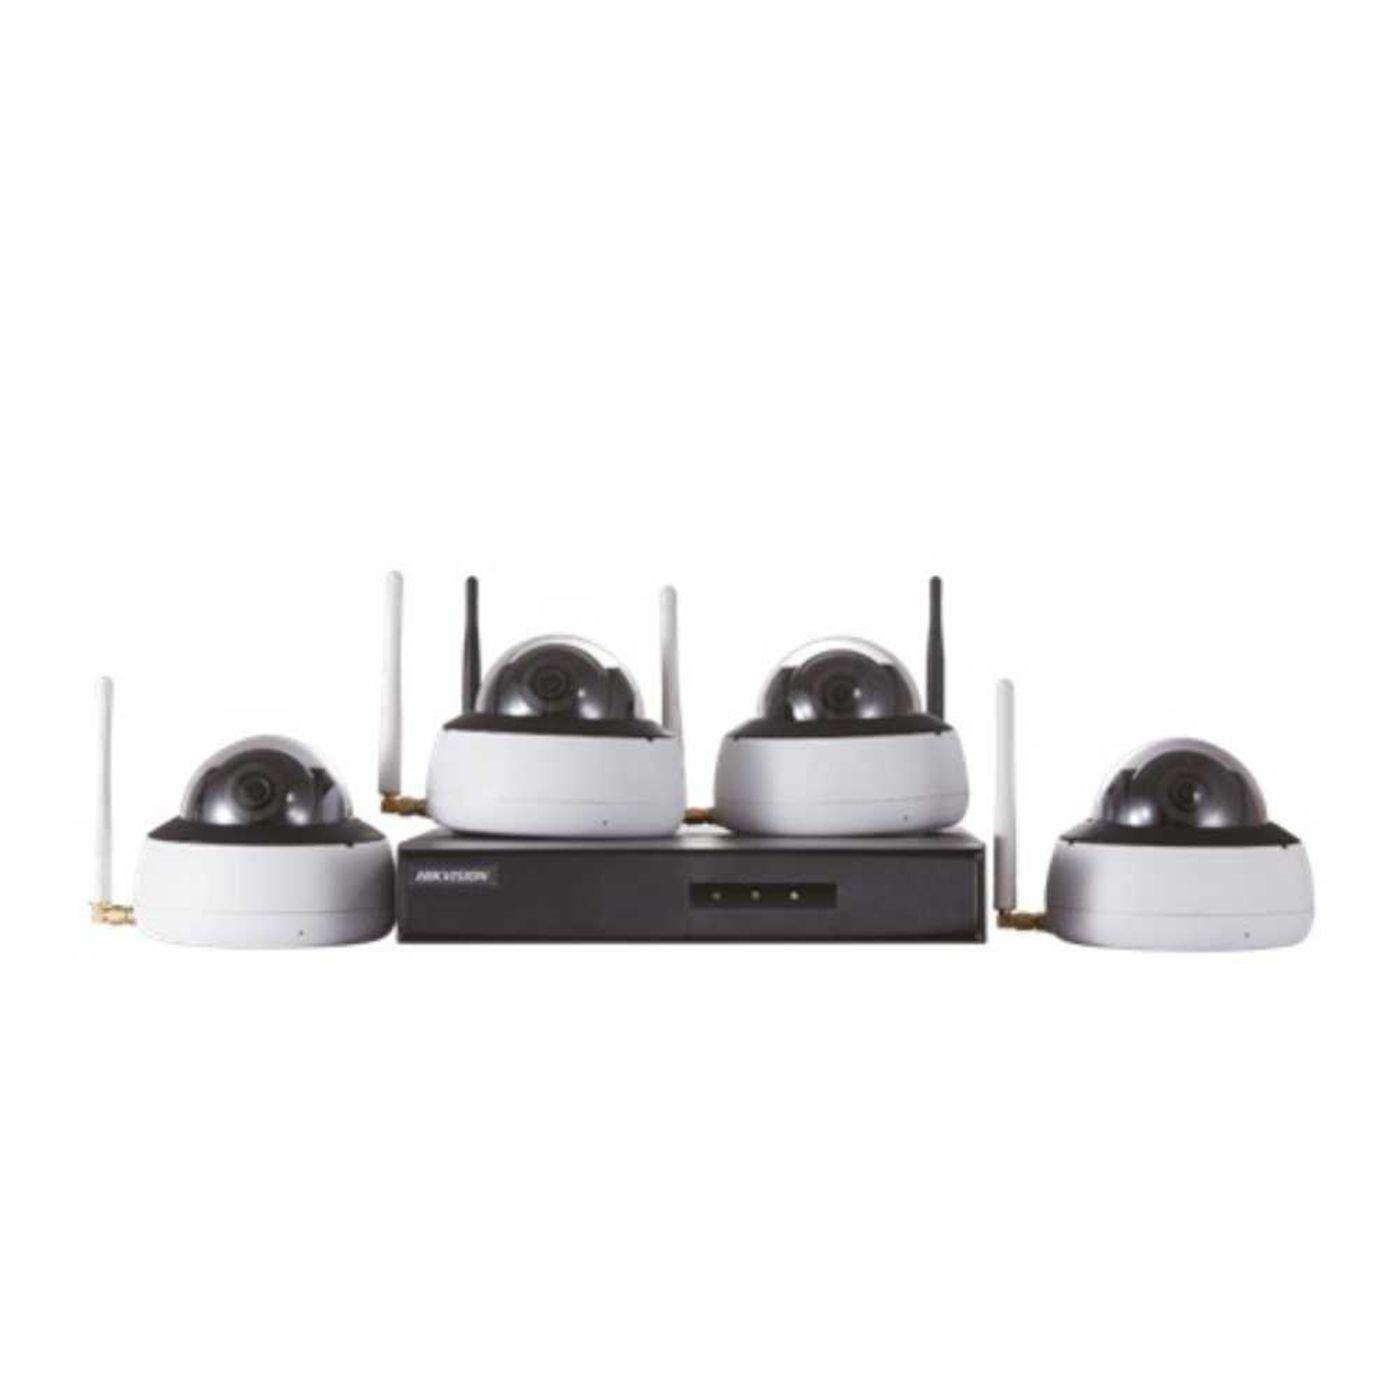 Kit de Monitoramento Hikvision NVR + 4 D1 WIFI